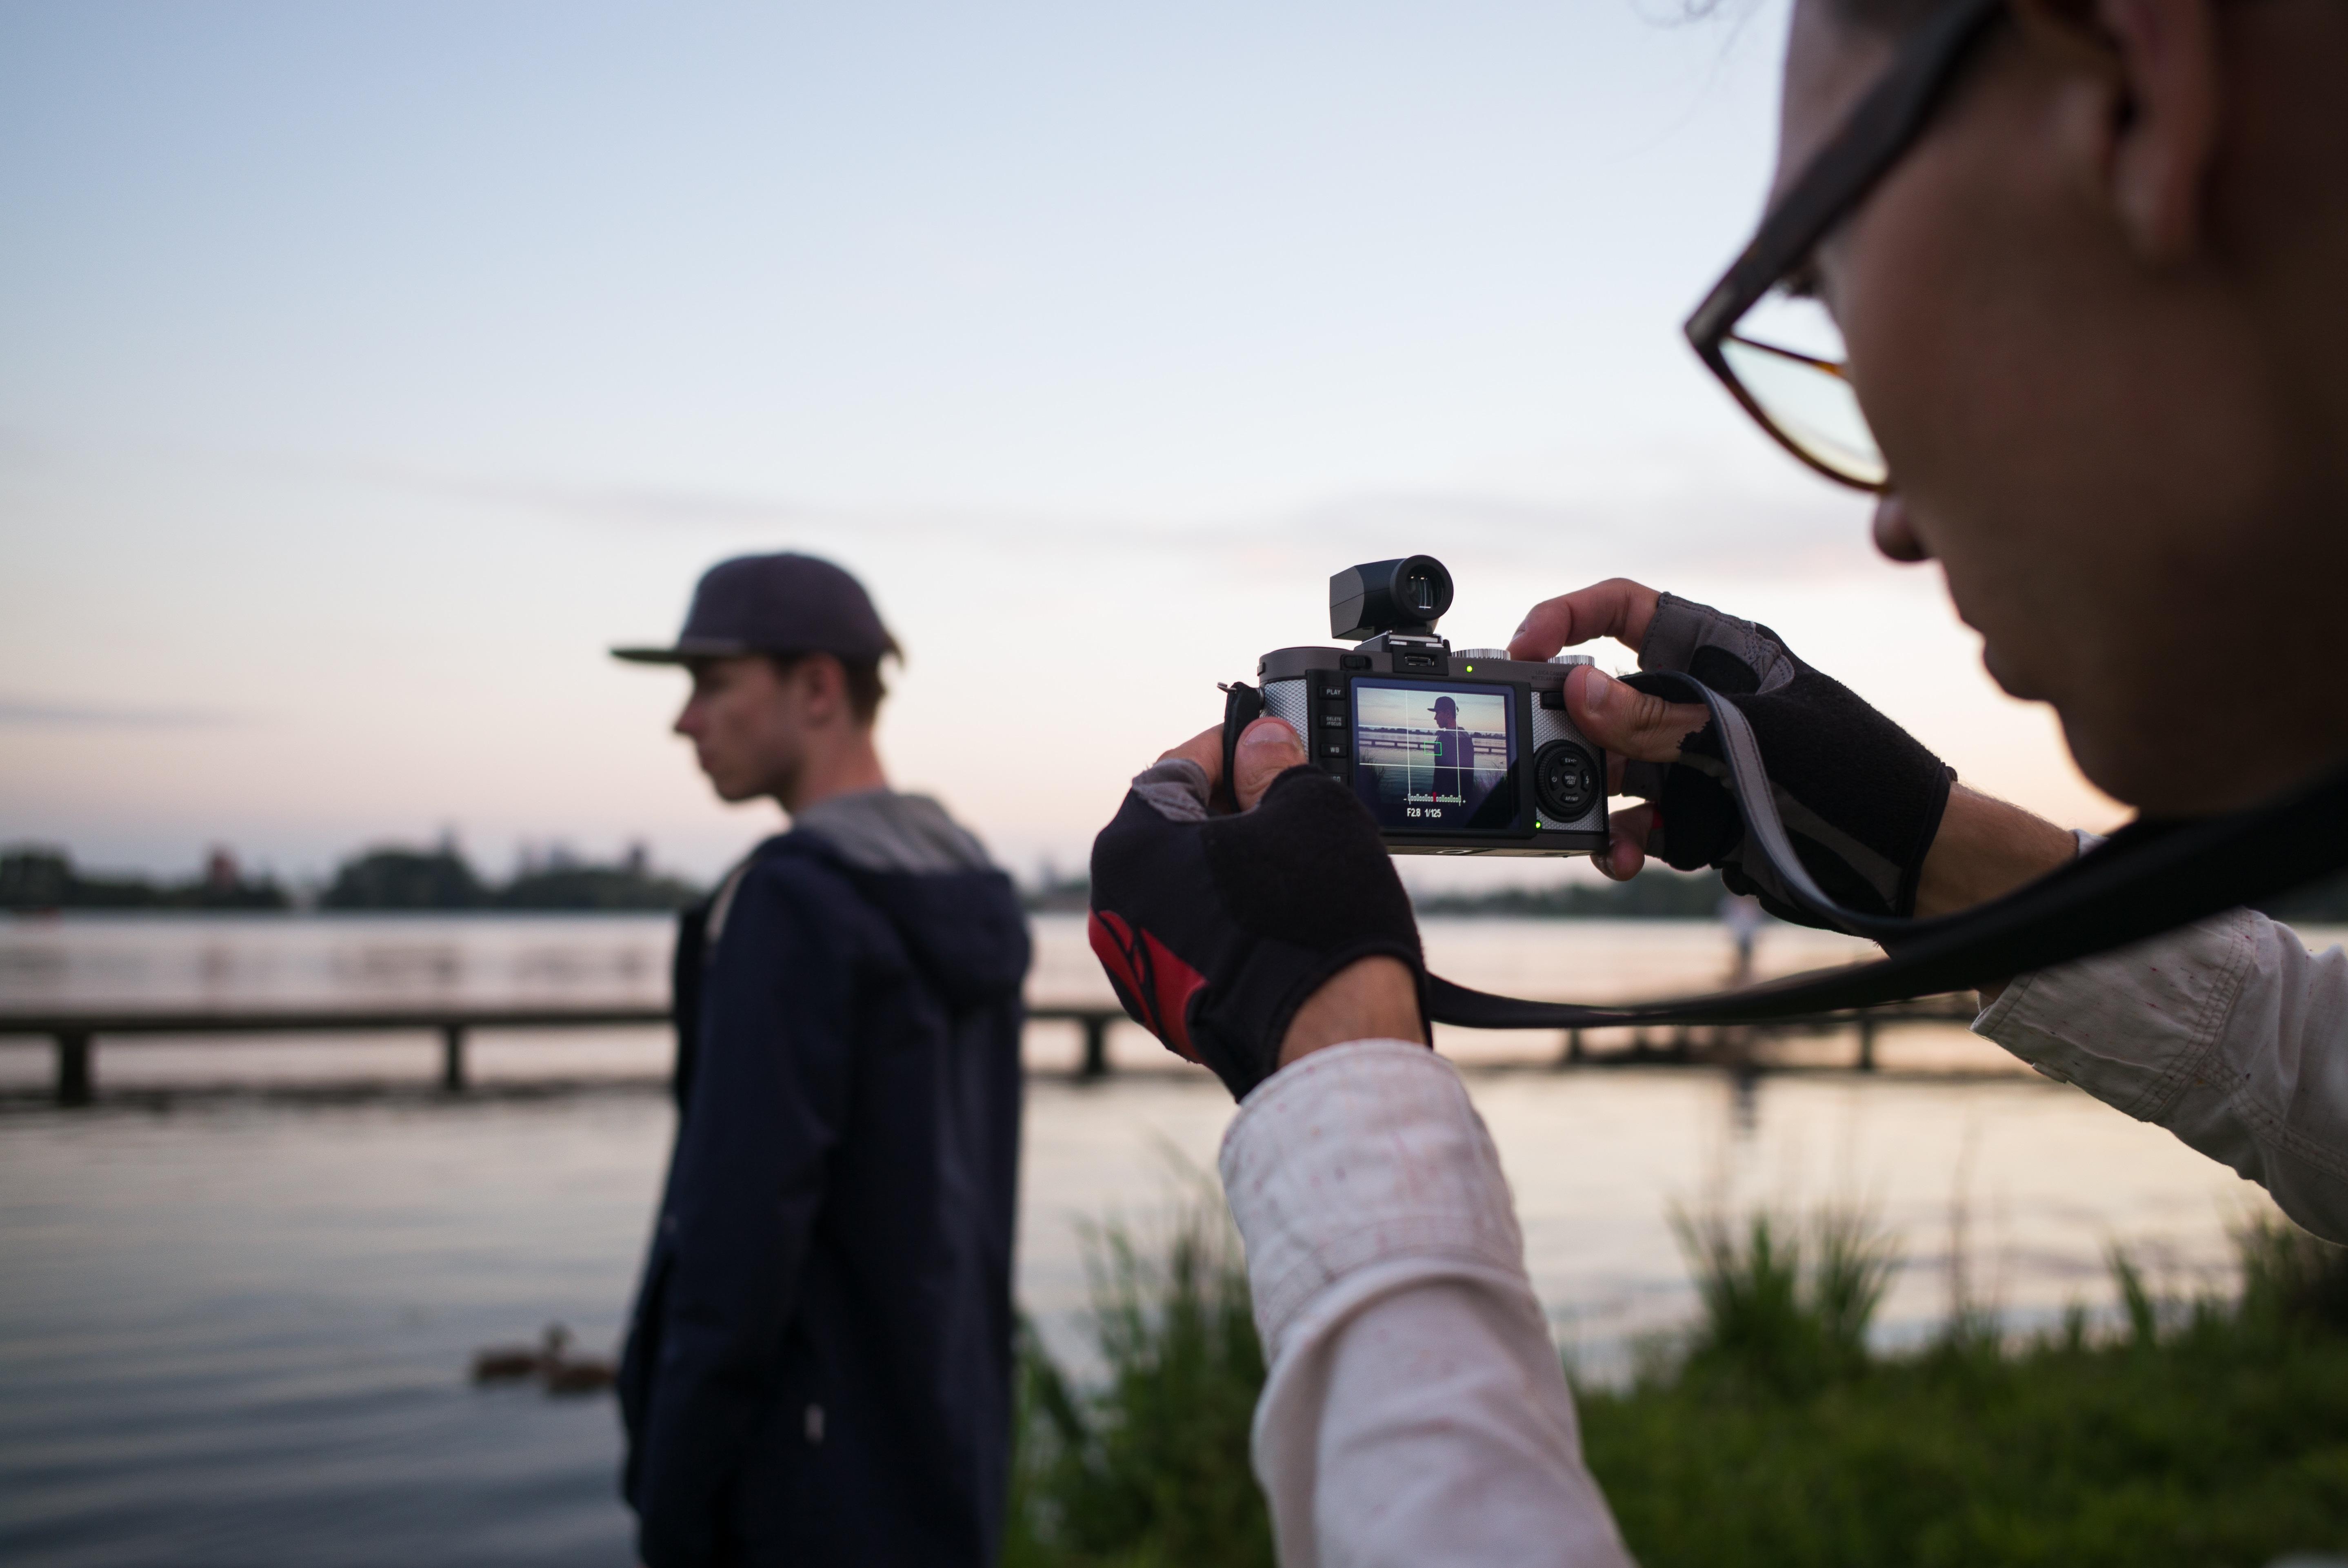 Leica_X-E_Article_Jip_van_Kuijk_m240_1